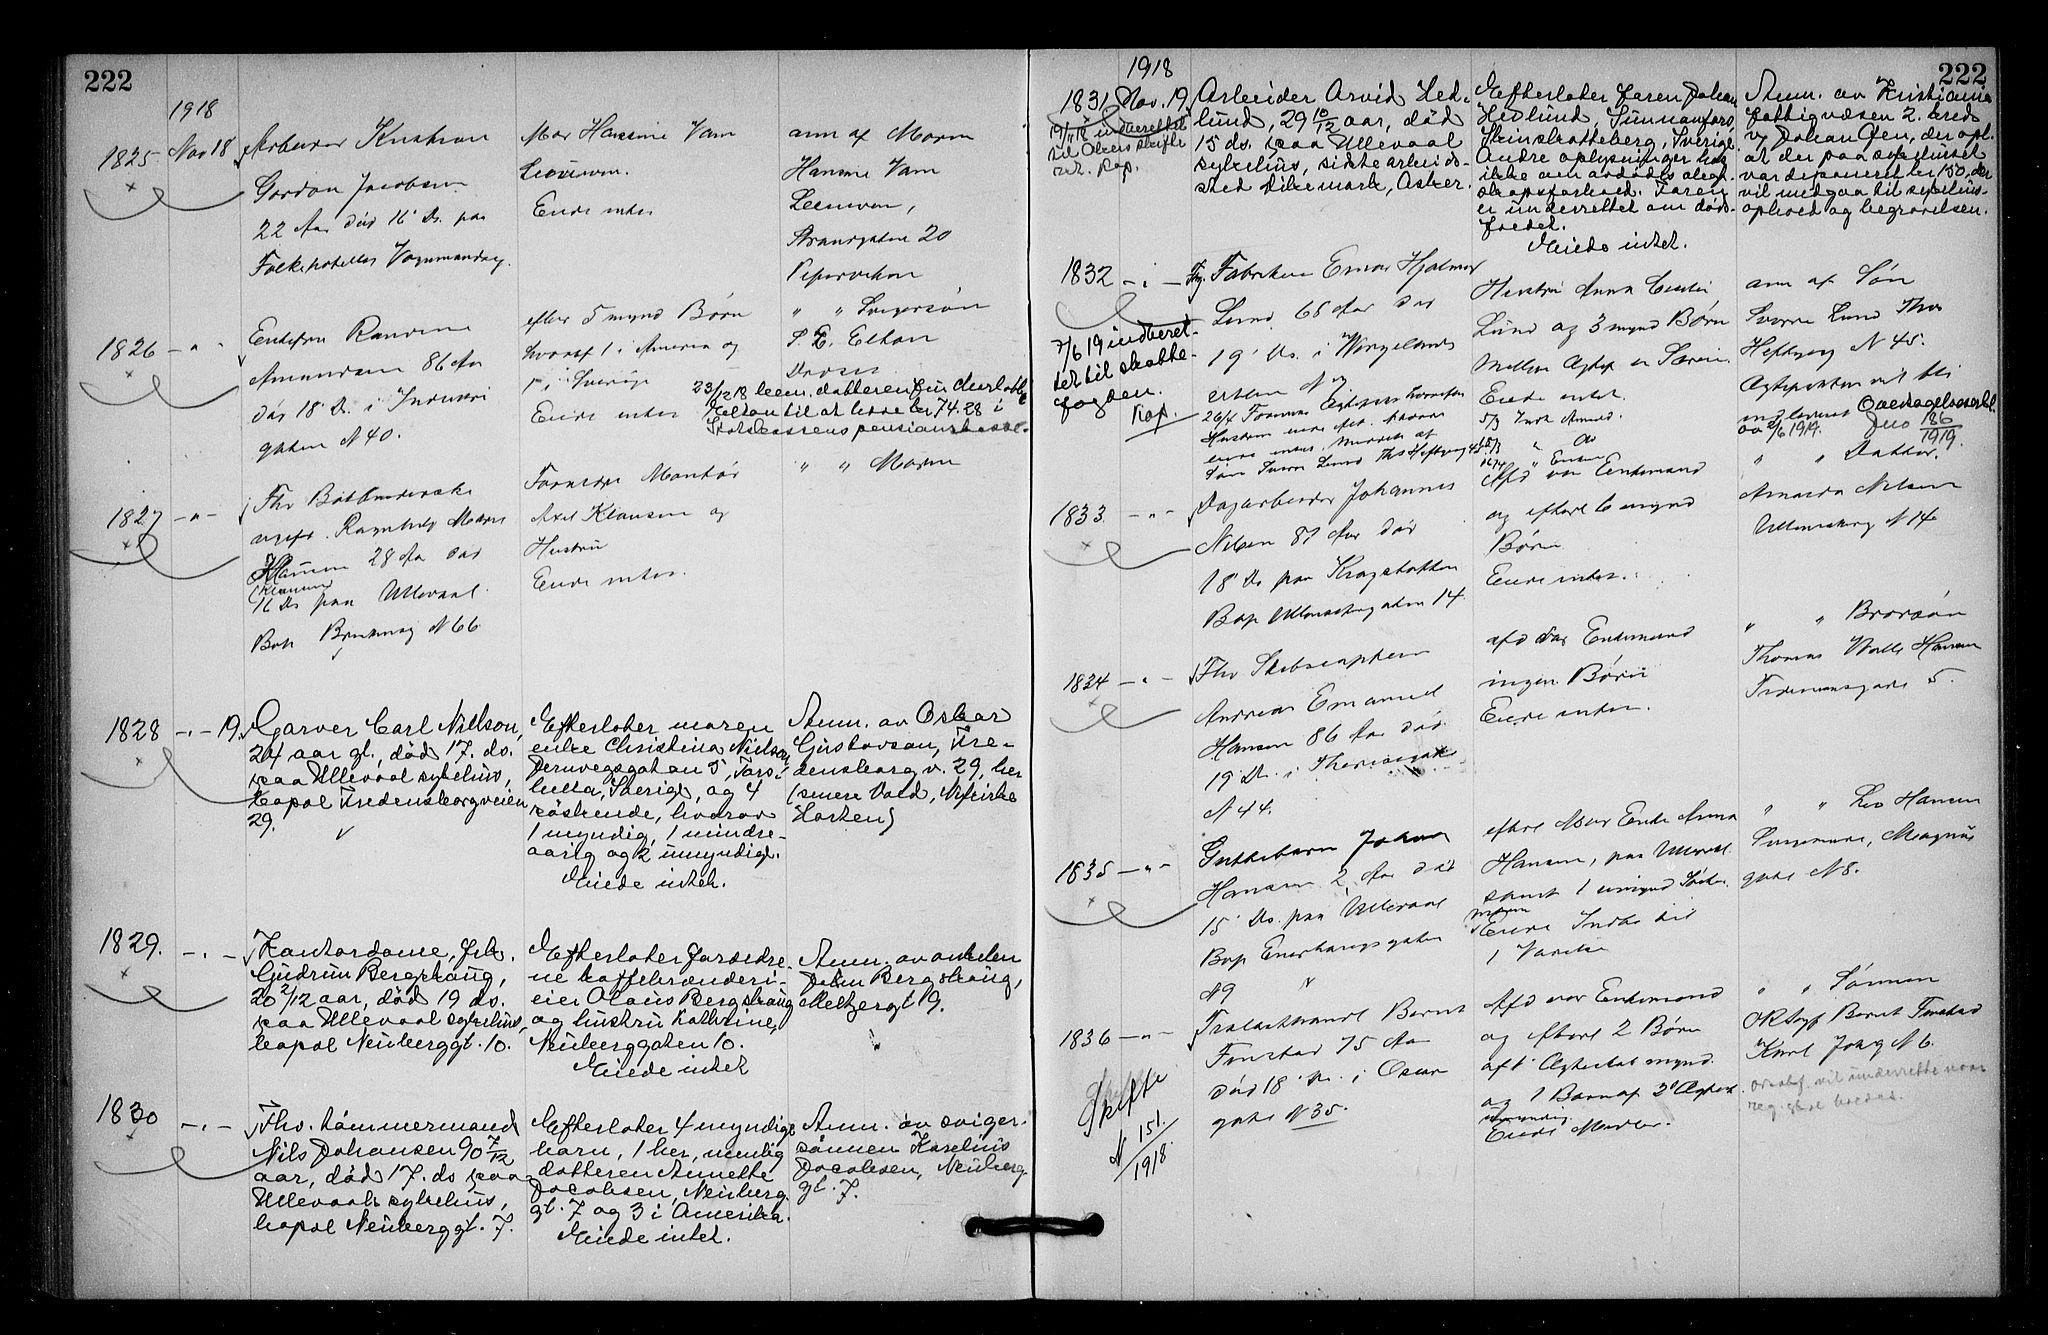 SAO, Oslo skifterett, G/Ga/Gac/L0009: Dødsfallsprotokoll, 1917-1919, s. 222